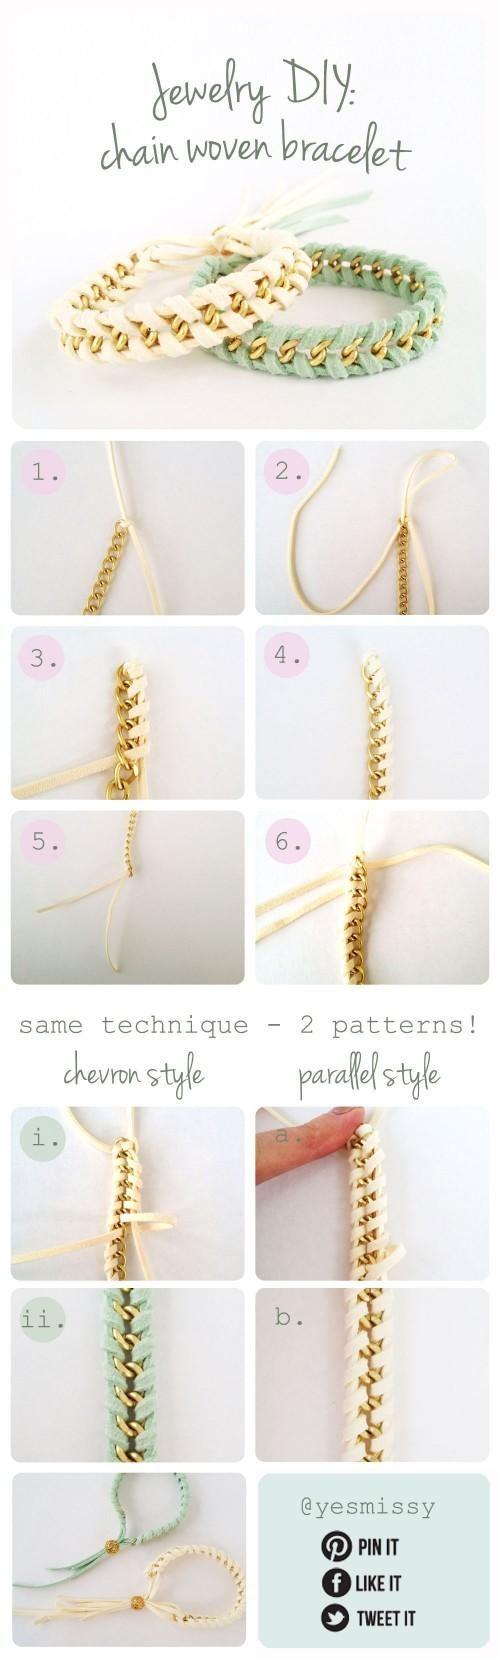 Bracelets chaîne + fil